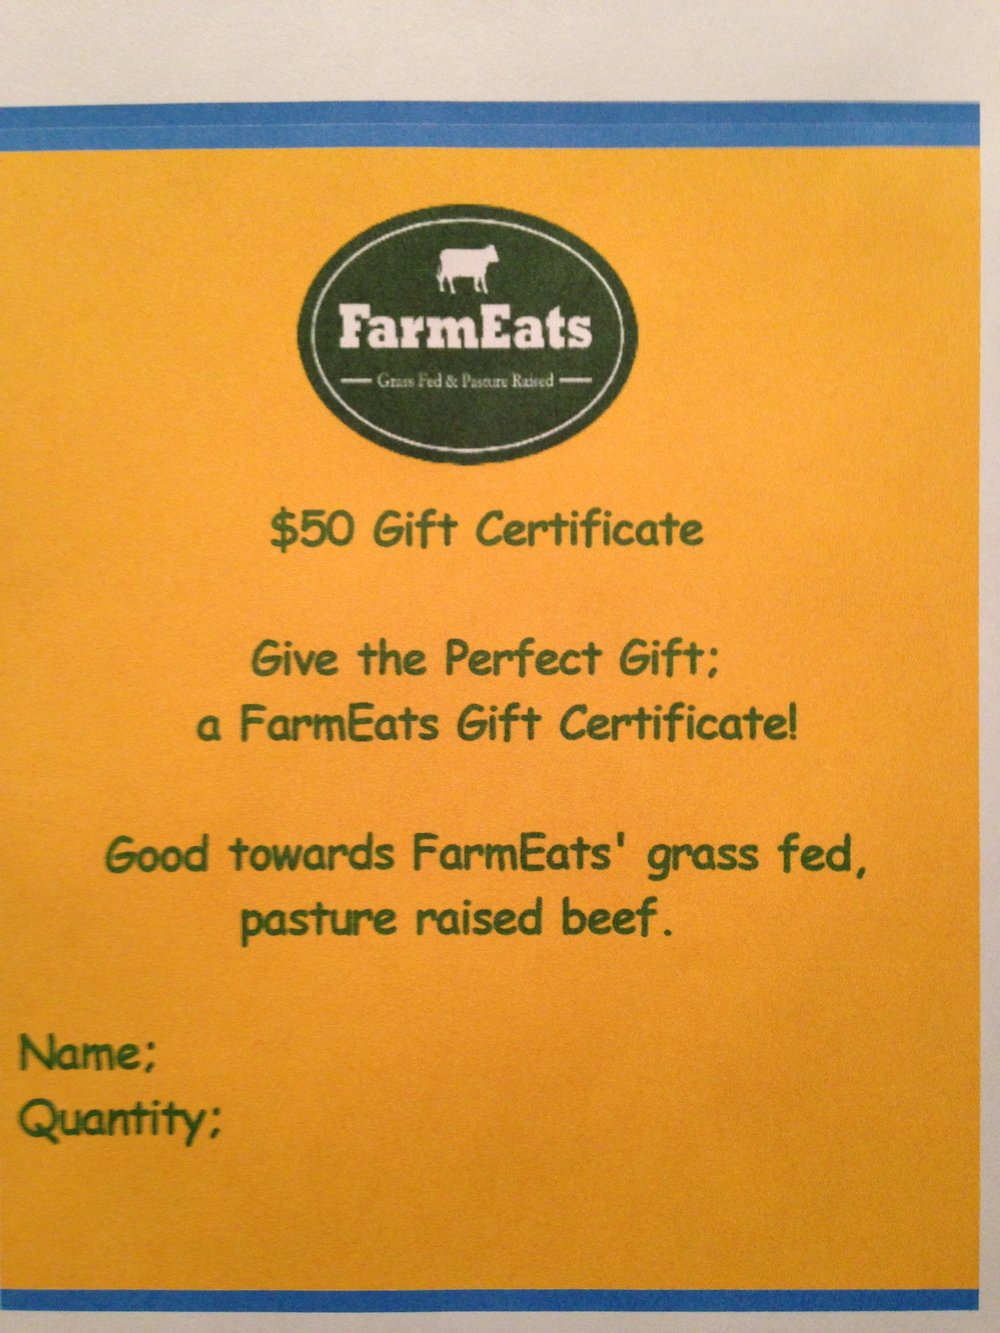 farmeats gift certificate